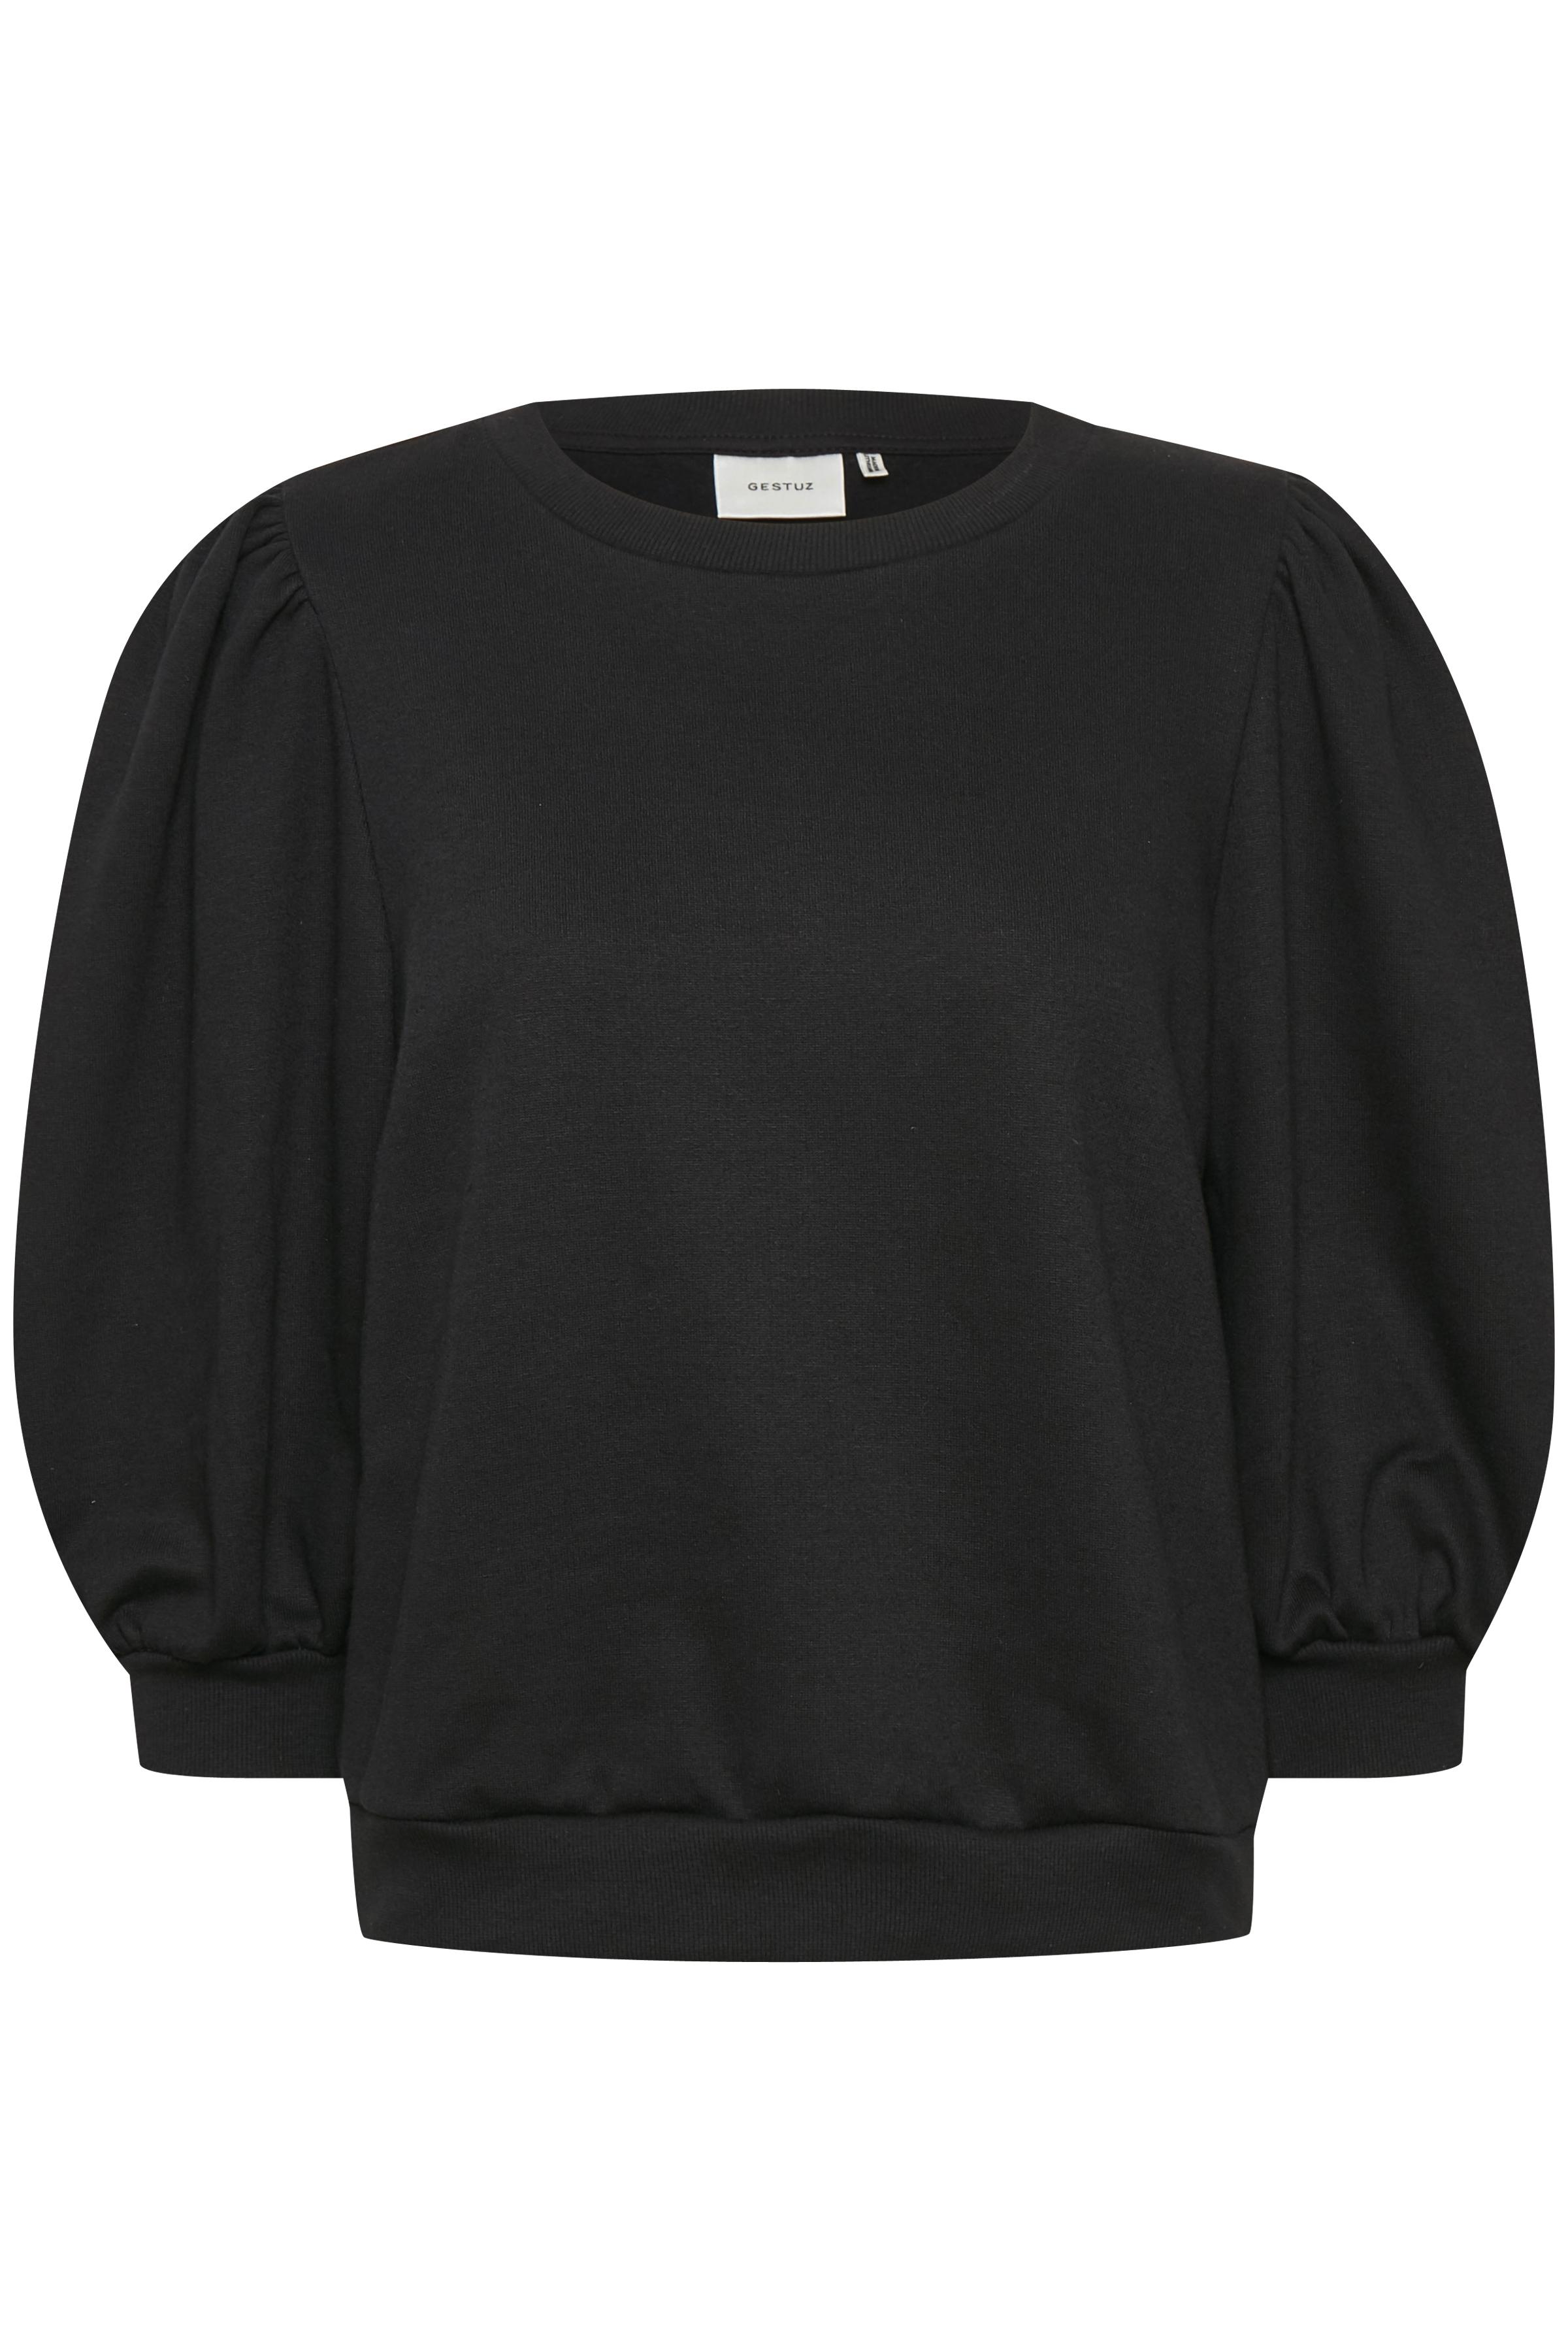 Gestuz Nankitagz Sweatshirt